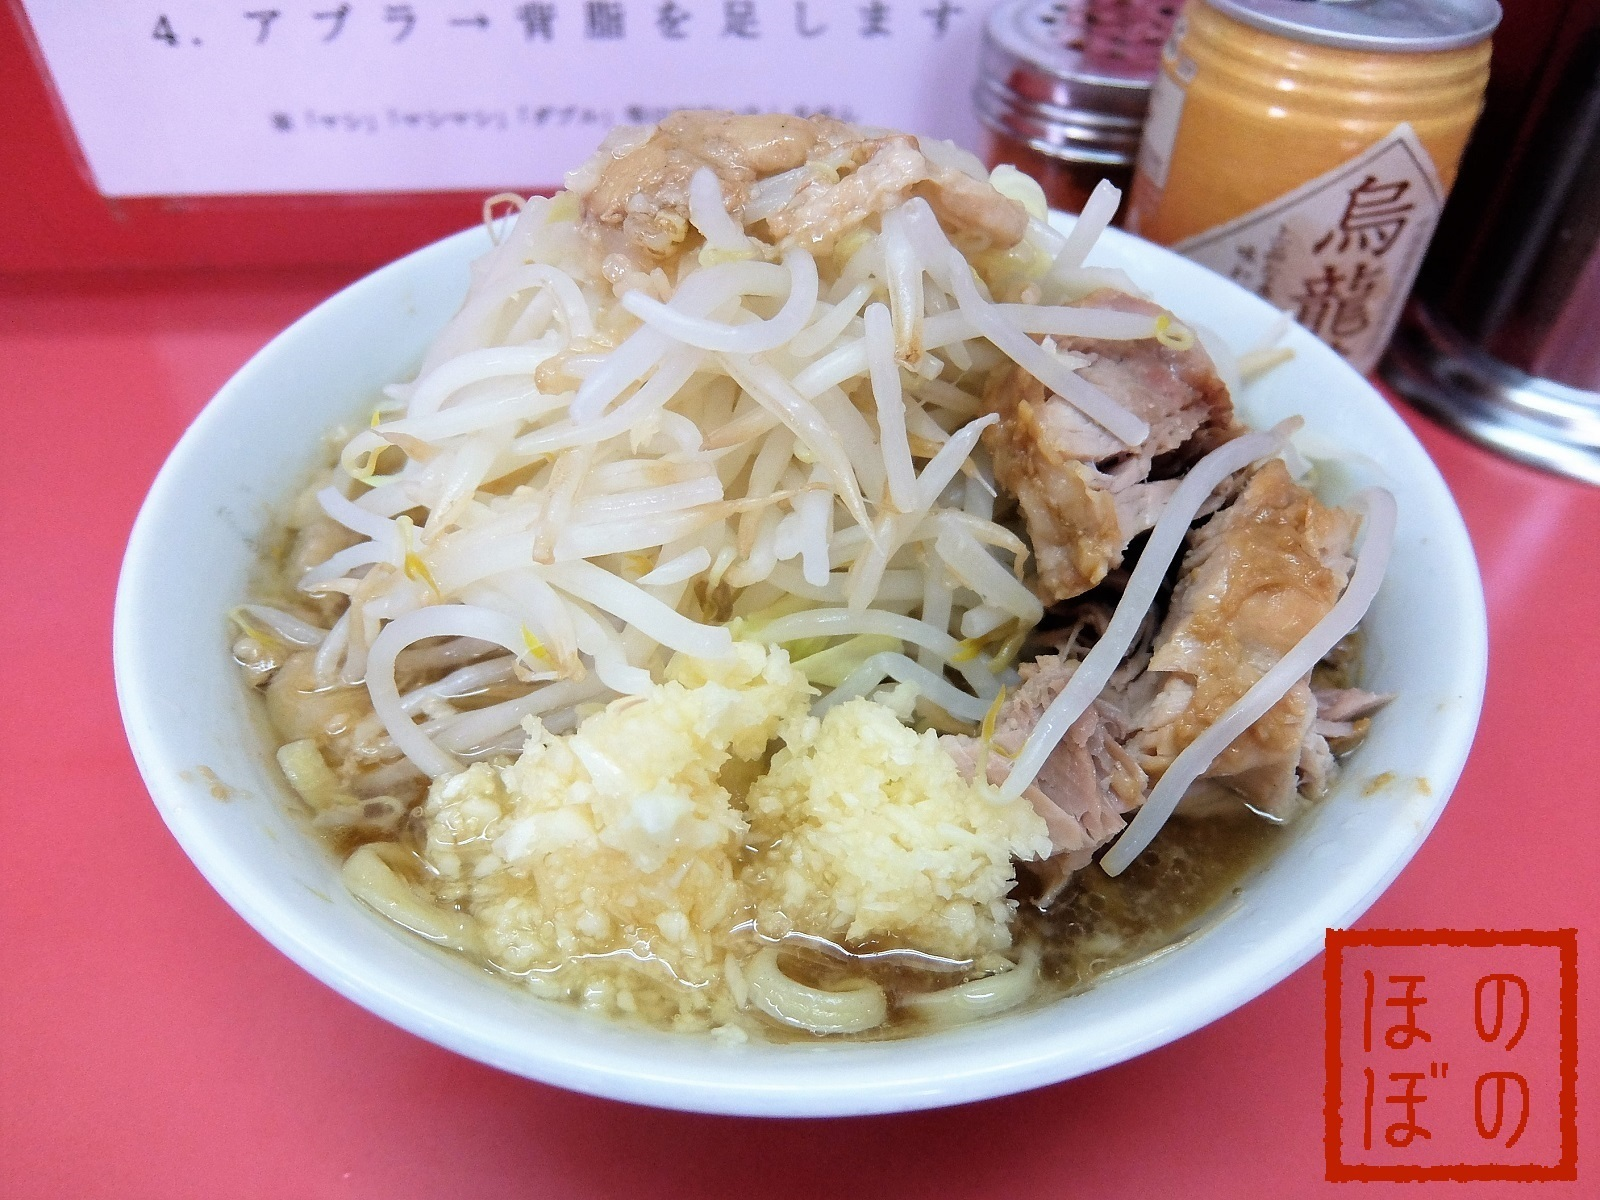 koiwa-jirou6.jpg